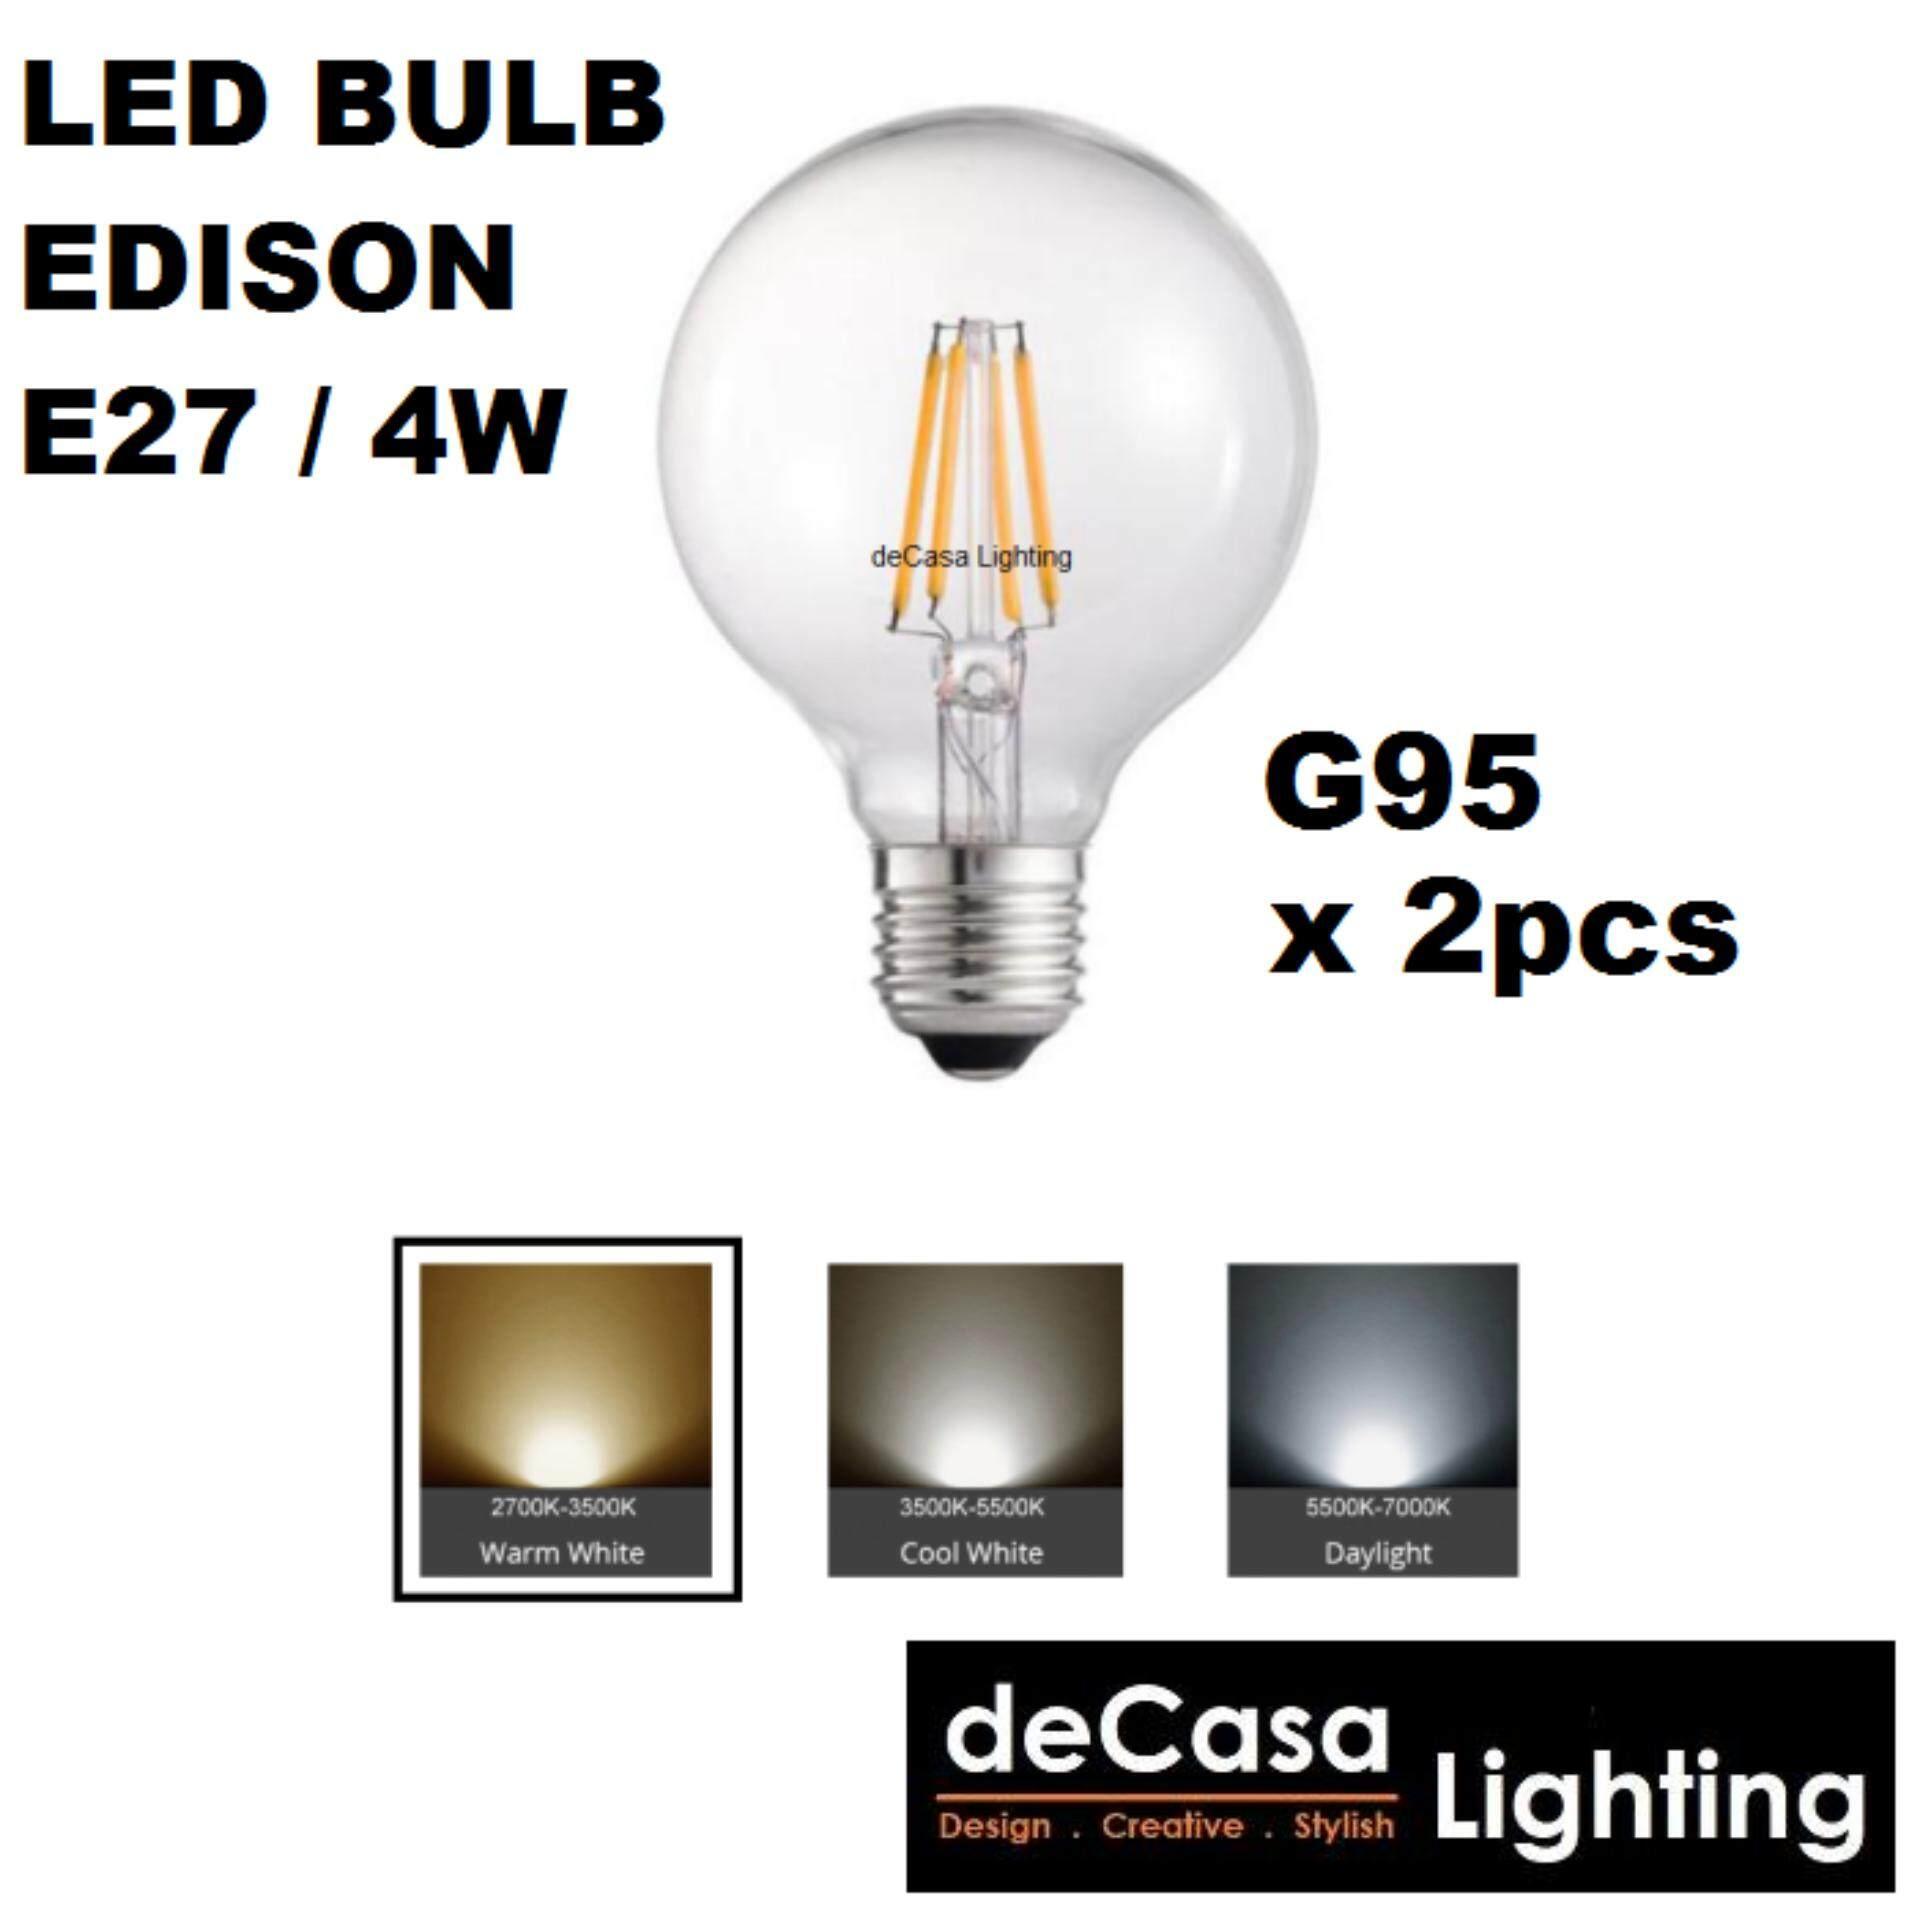 2pcs 4w COB Led Bulb LED BULB 4W E27 GLOBE BULB EDISON BULB LED G95-4W-WW-E27-DECASA